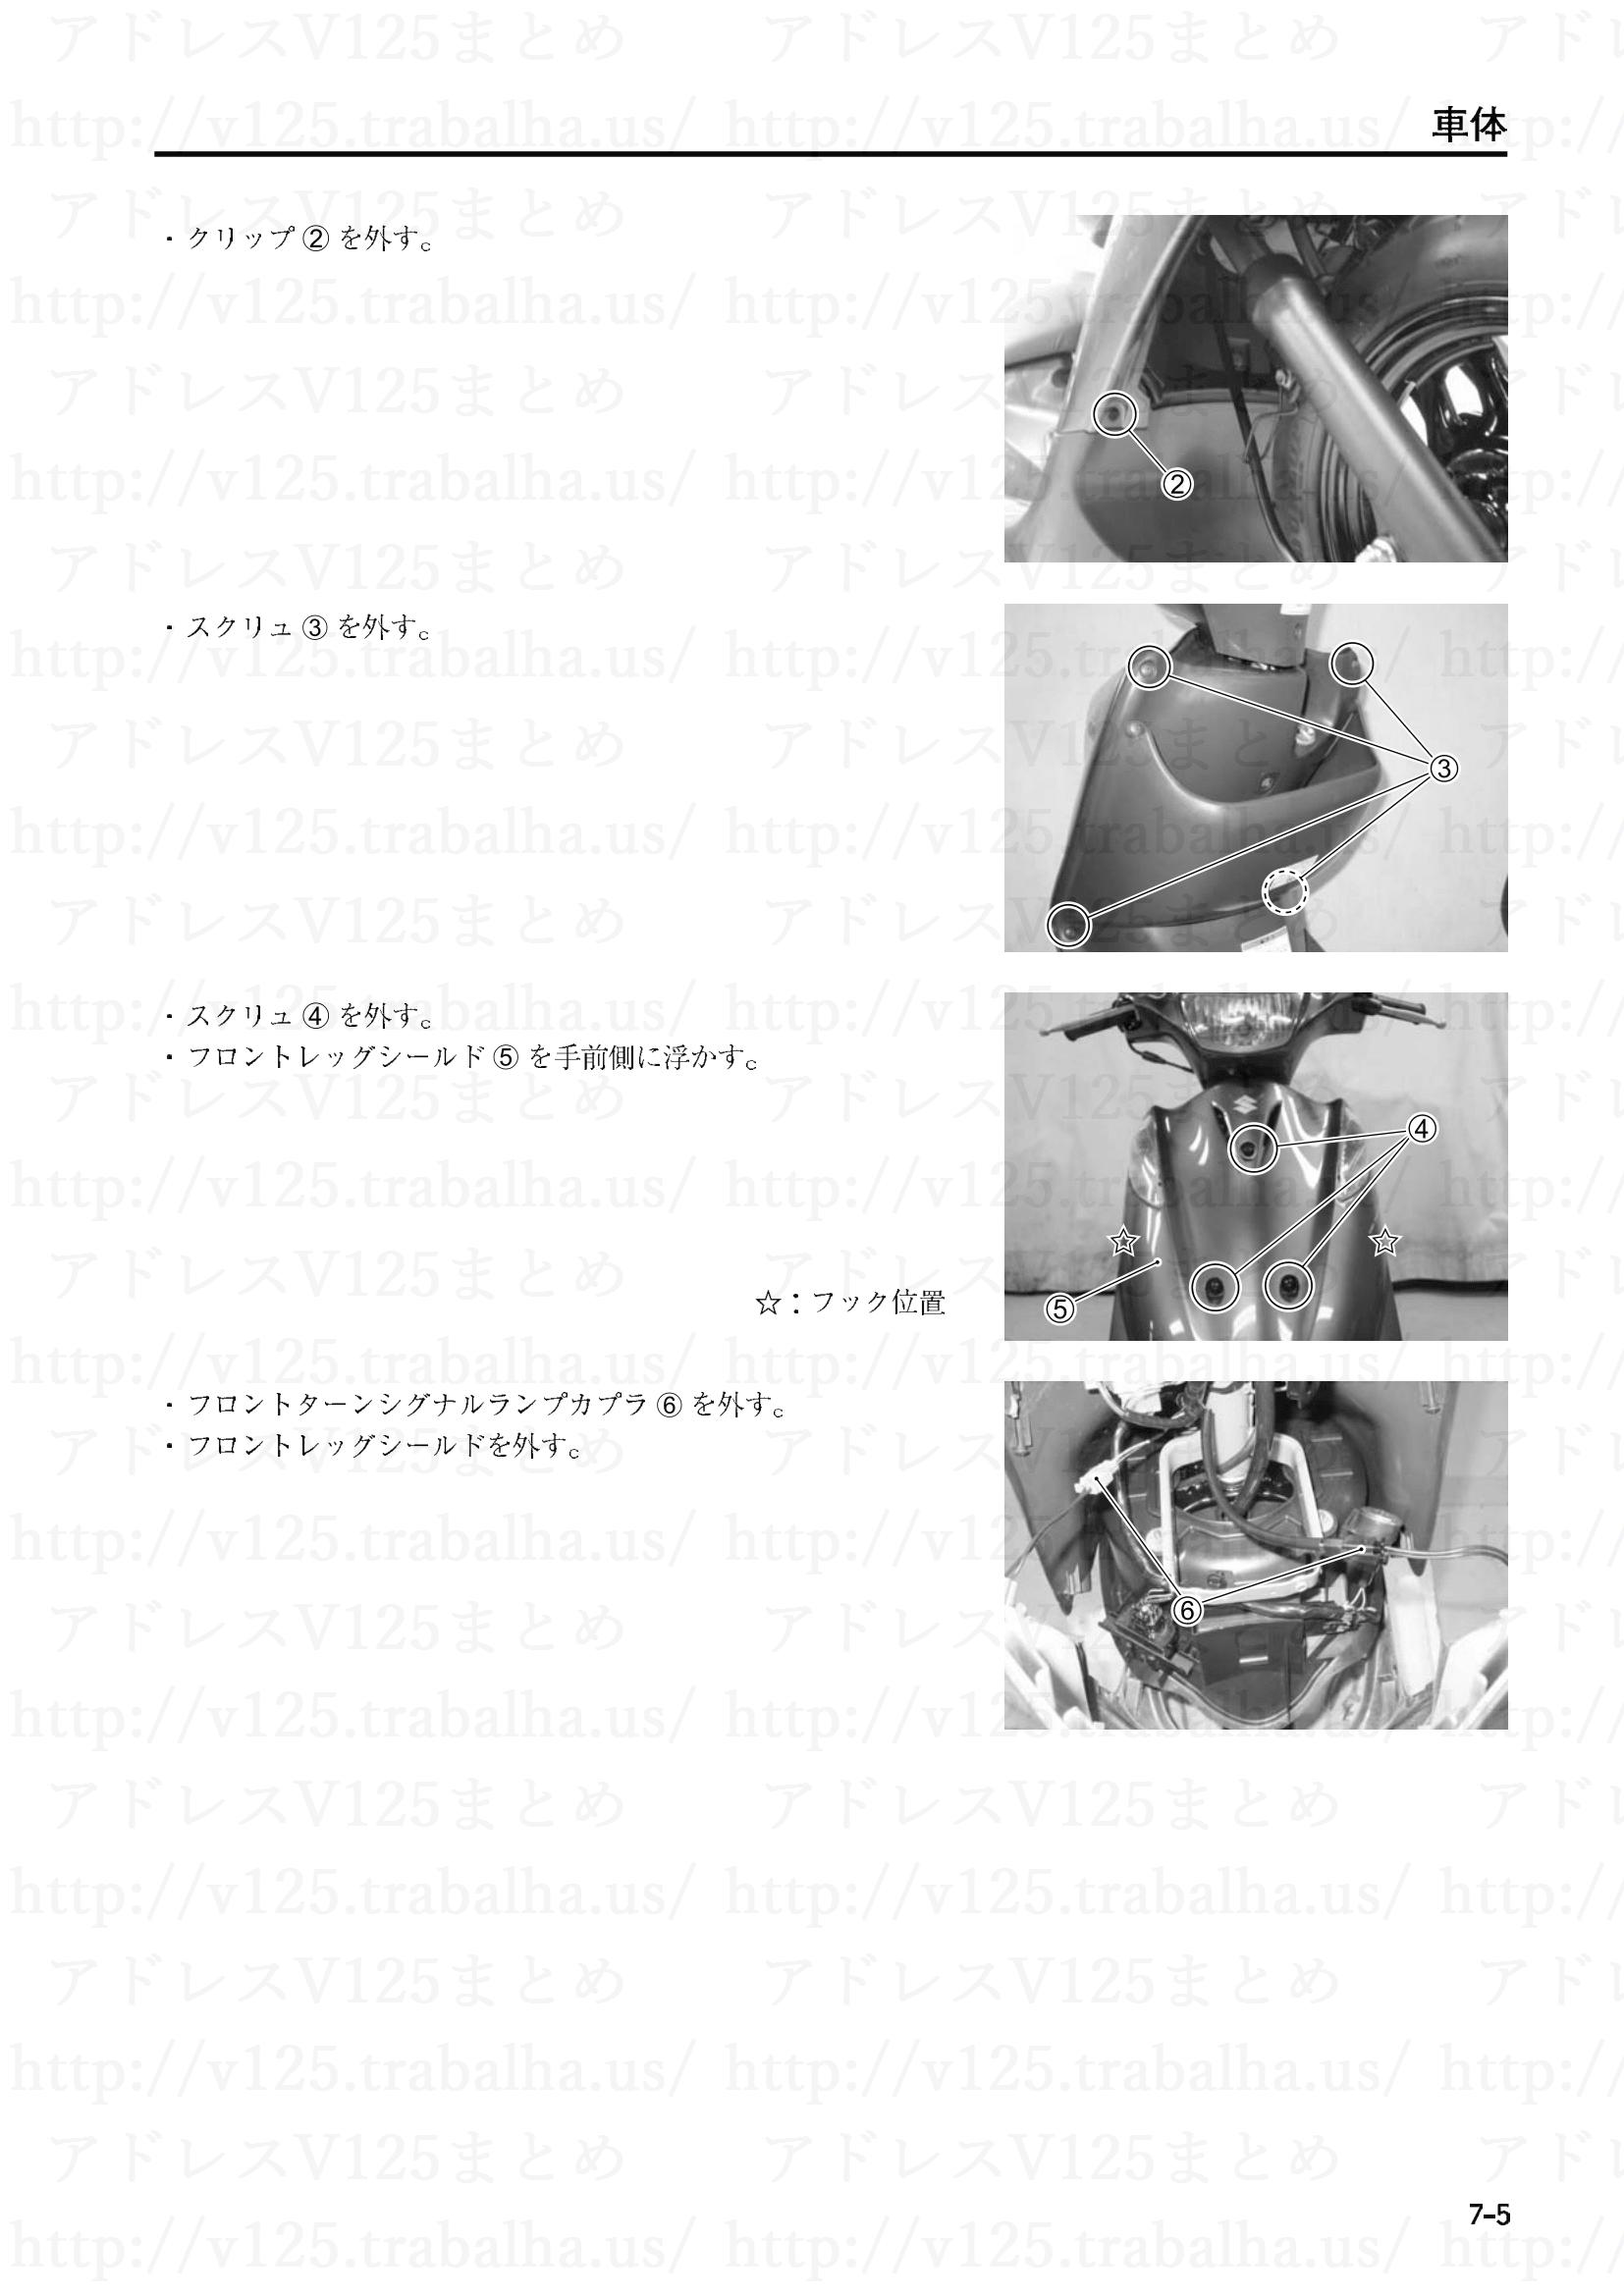 7-5【車体】フロントレッグシールドの取外し